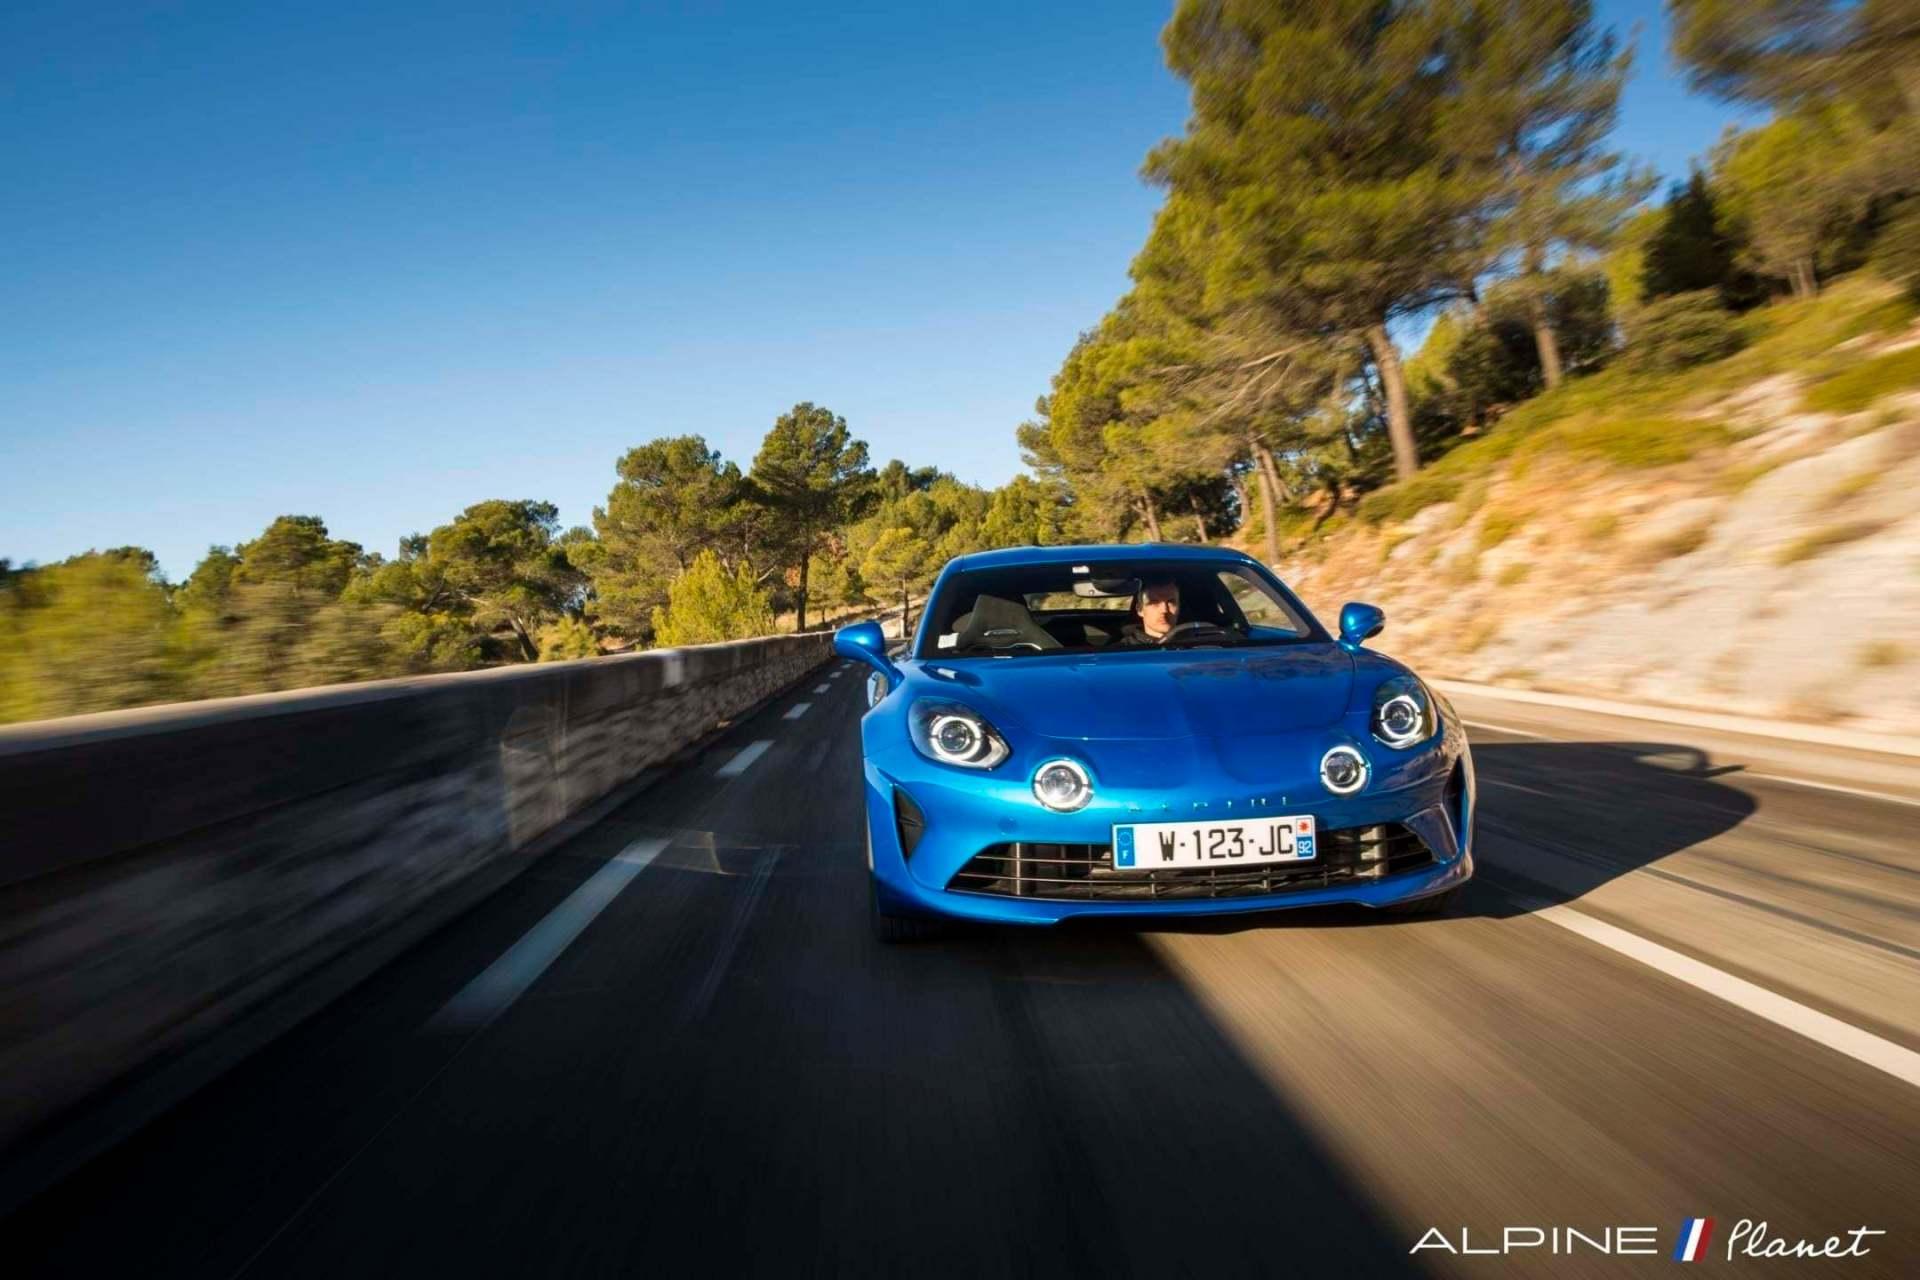 Notre essai de la nouvelle Alpine A110 sur route ! 12